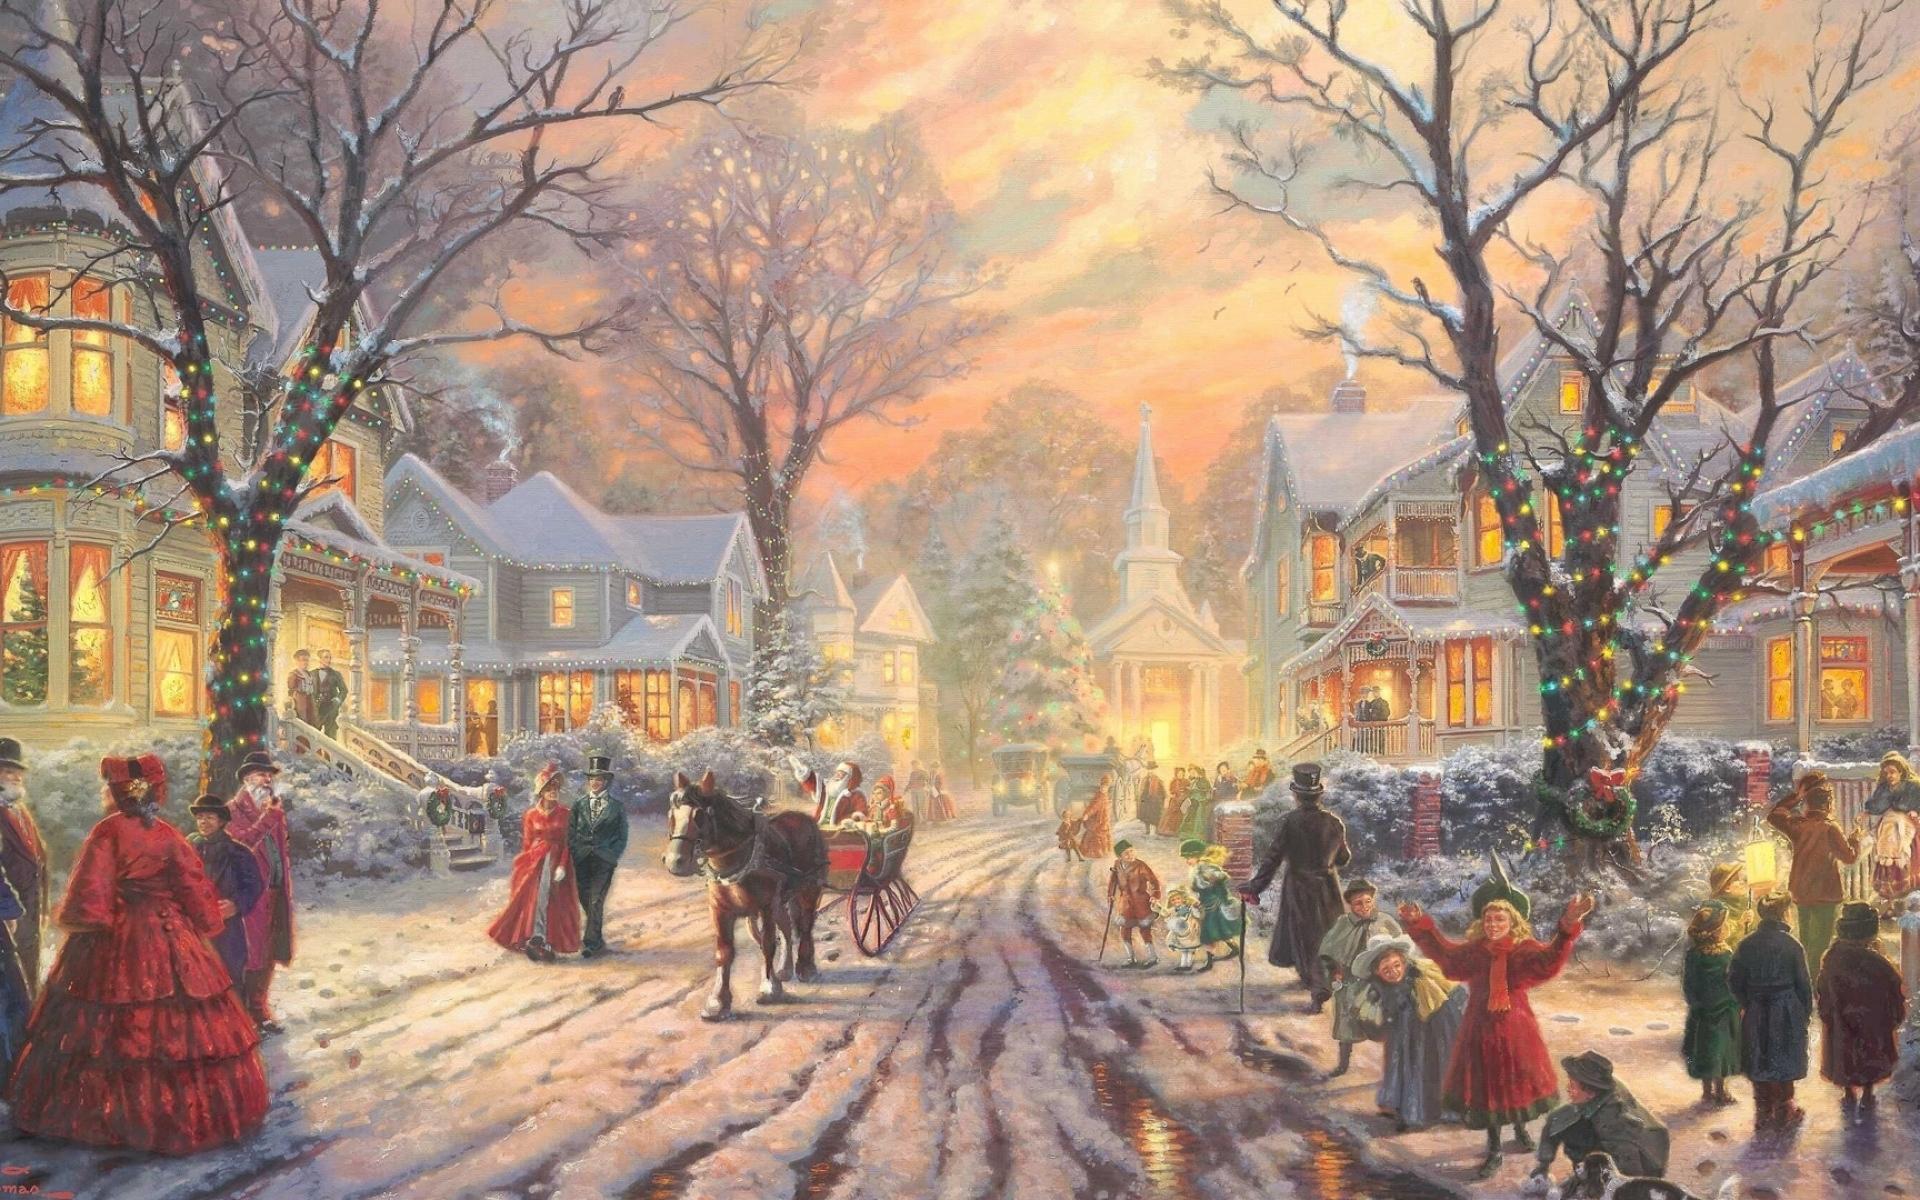 Картинки Улица, город, старый, праздник, зима фото и обои на рабочий стол